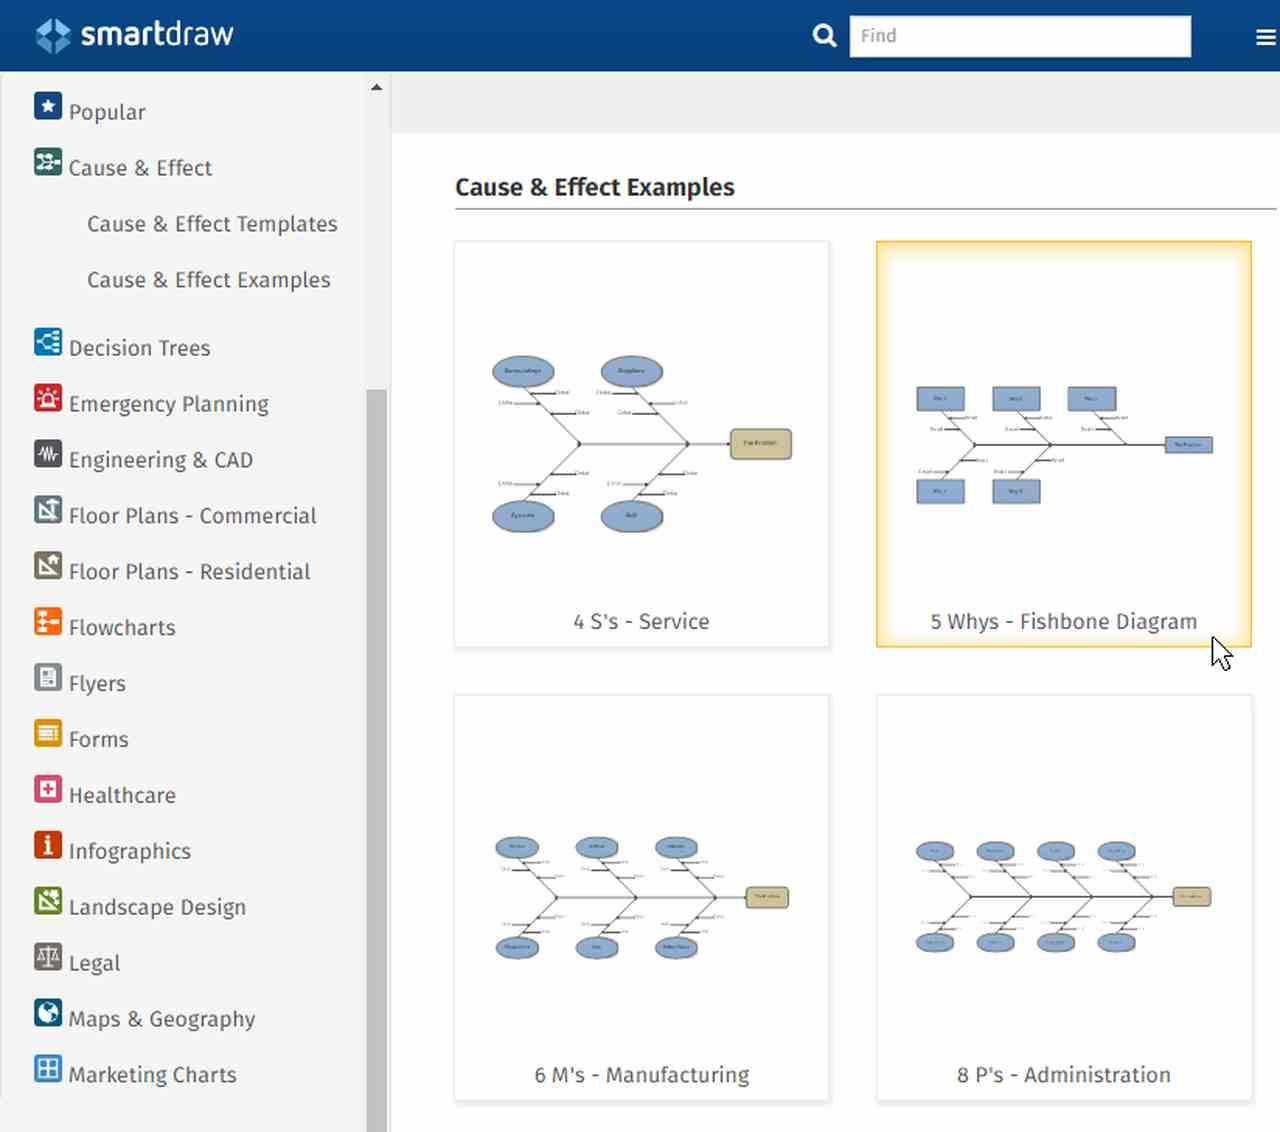 Página de criação de diagramas de ishikawa de uma das ferramentas gratuitas discutidas no post, o smartdraw